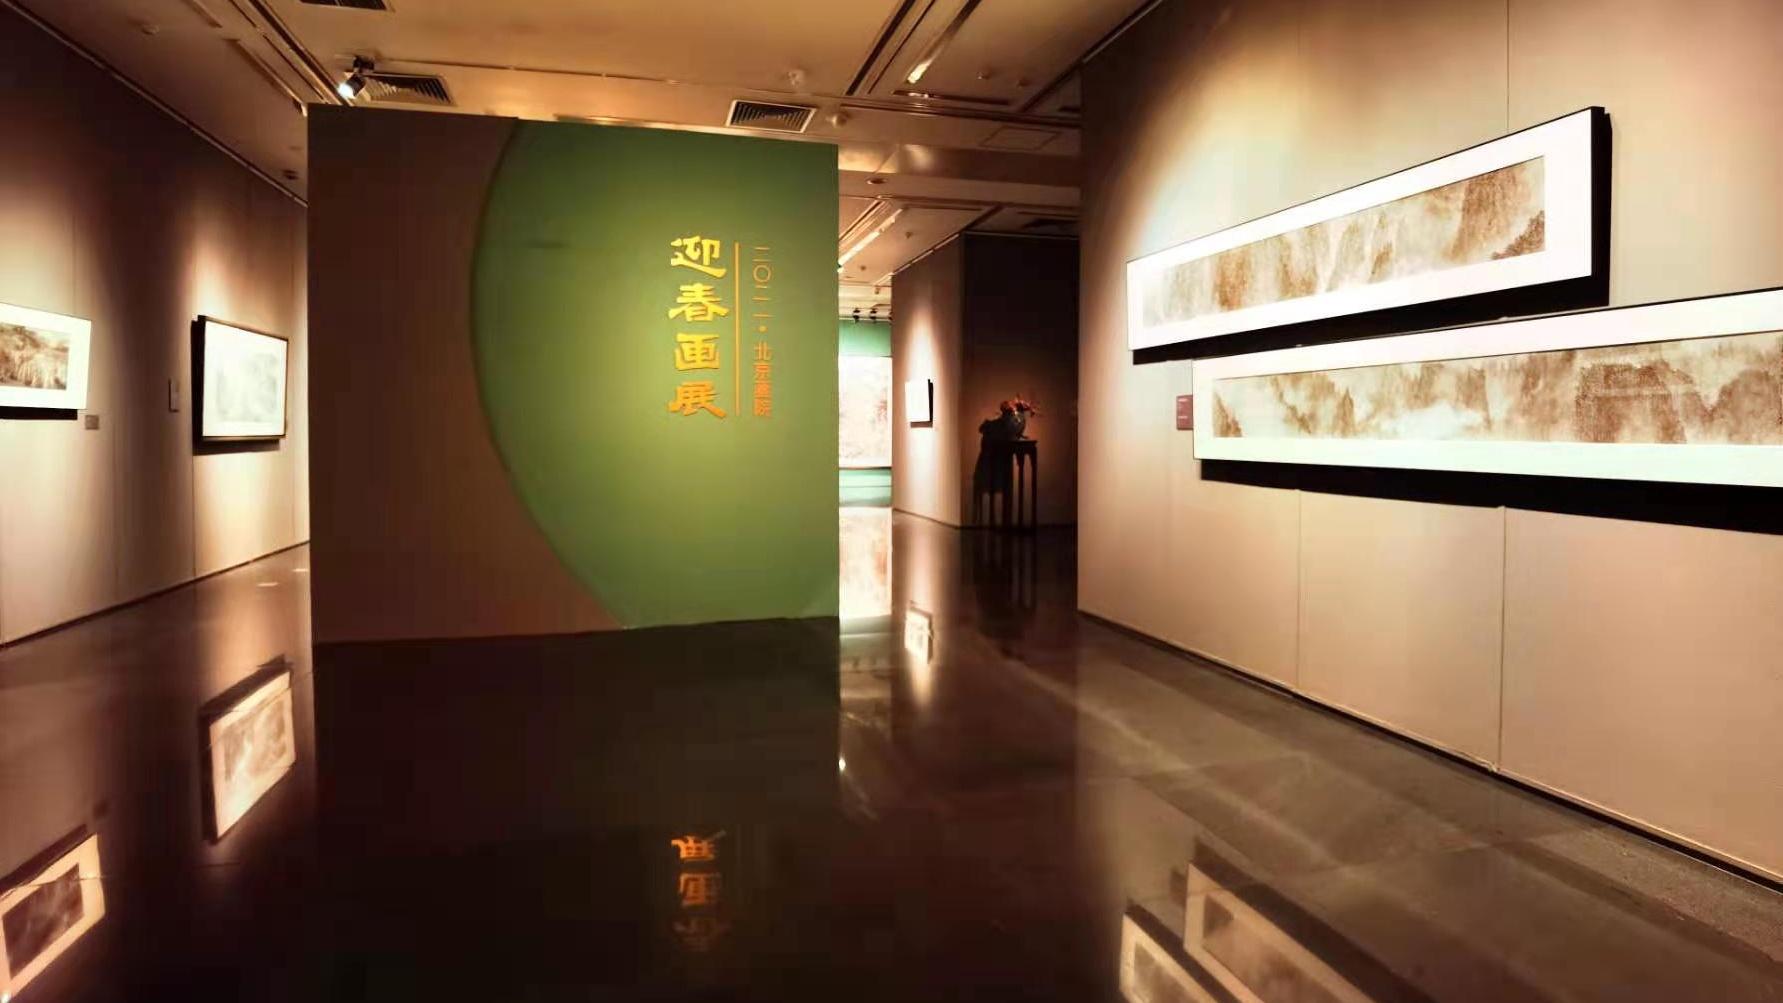 四月北京最美展览速递!名家齐聚更有绚丽光影体验